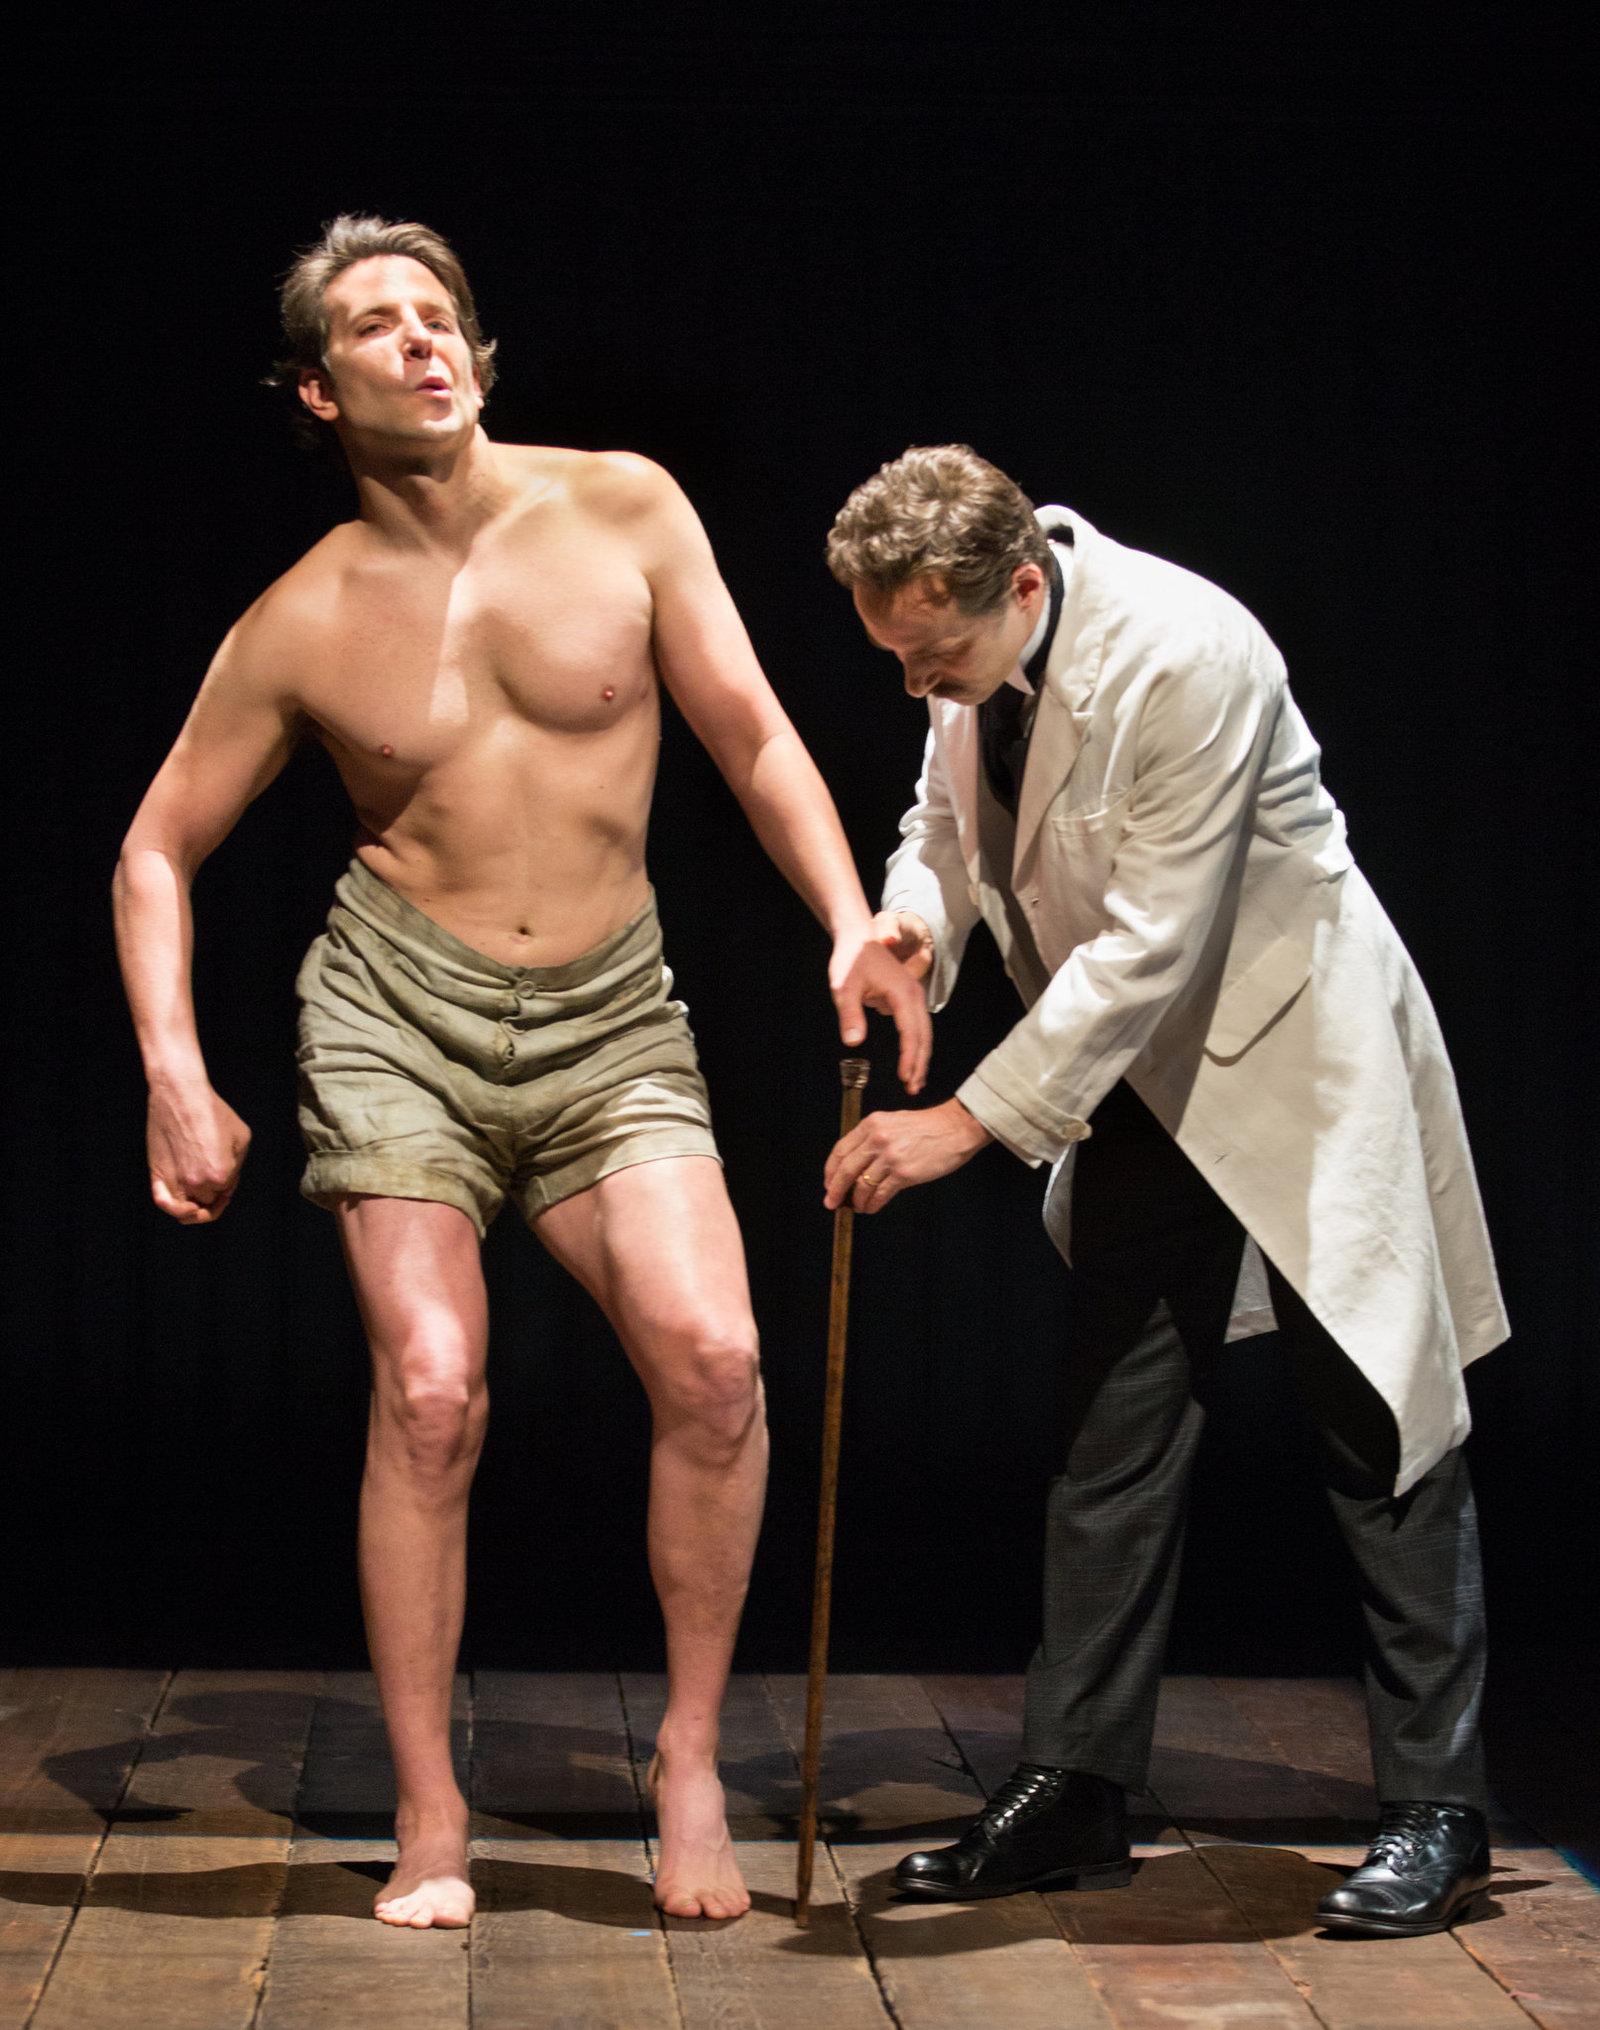 eroticheskie-zarubezhnie-teatri-smotret